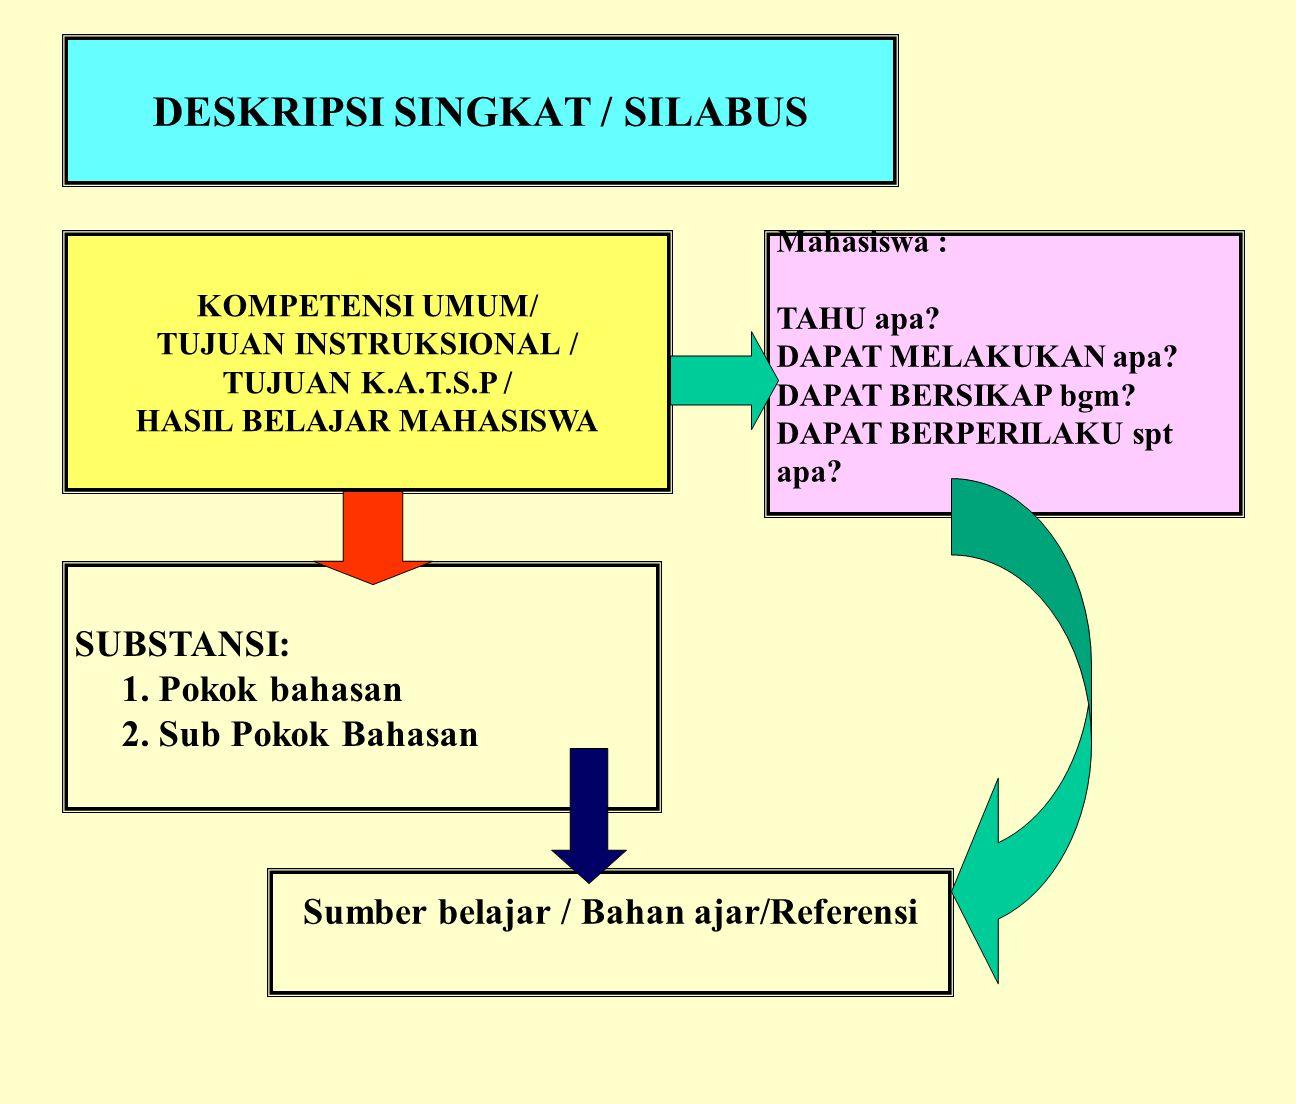 DESKRIPSI SINGKAT / SILABUS